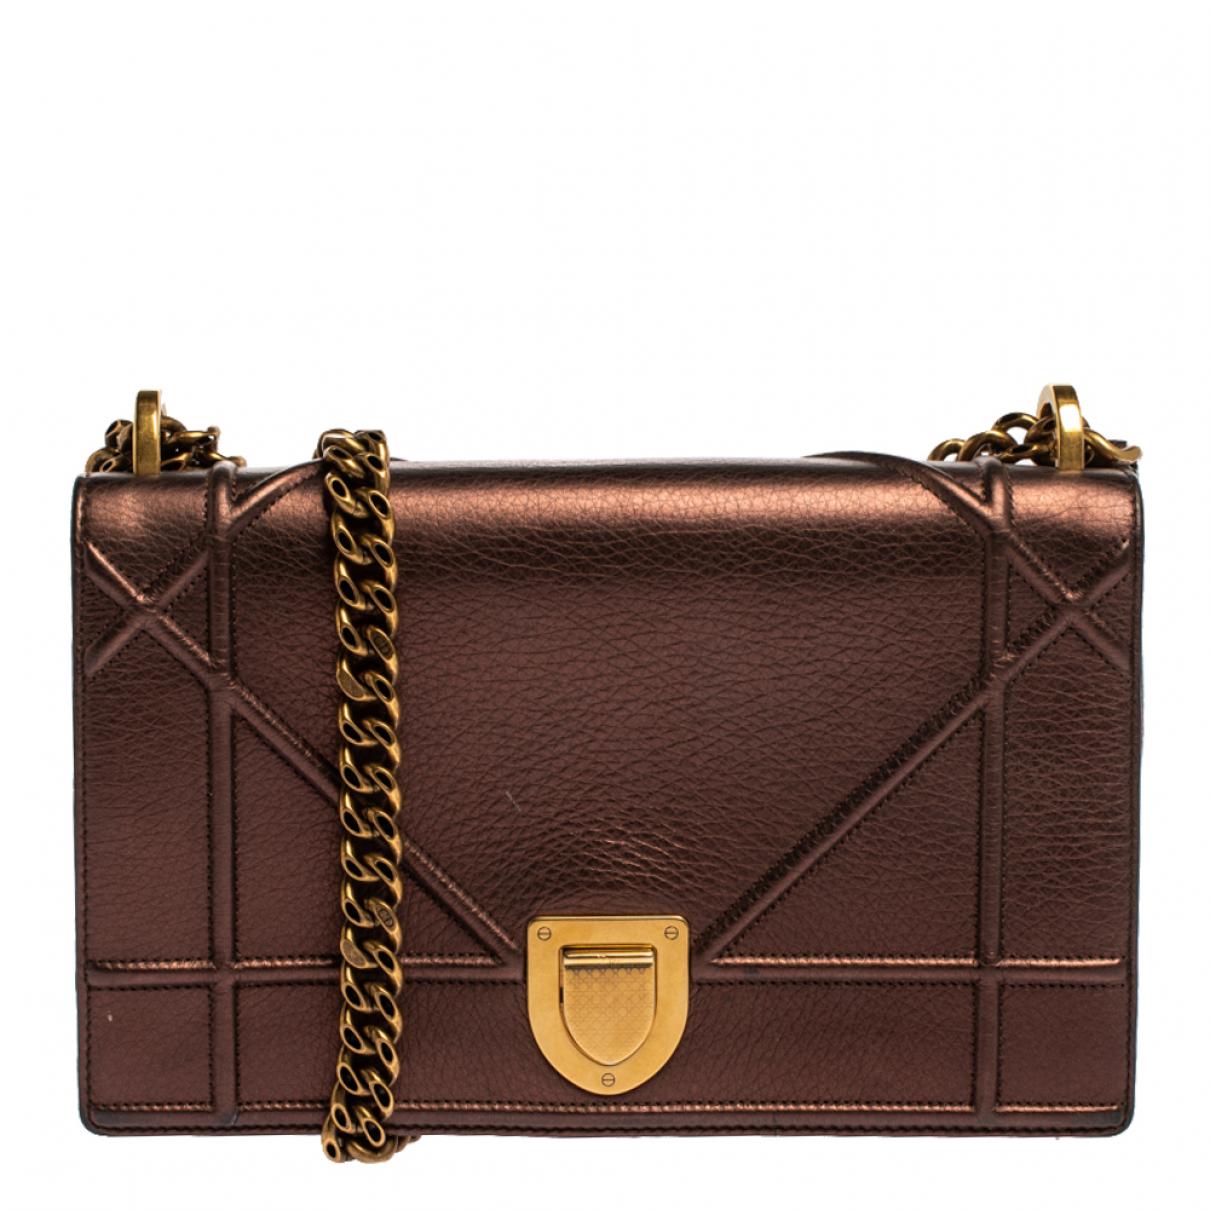 Dior - Sac a main Diorama pour femme en cuir - marron